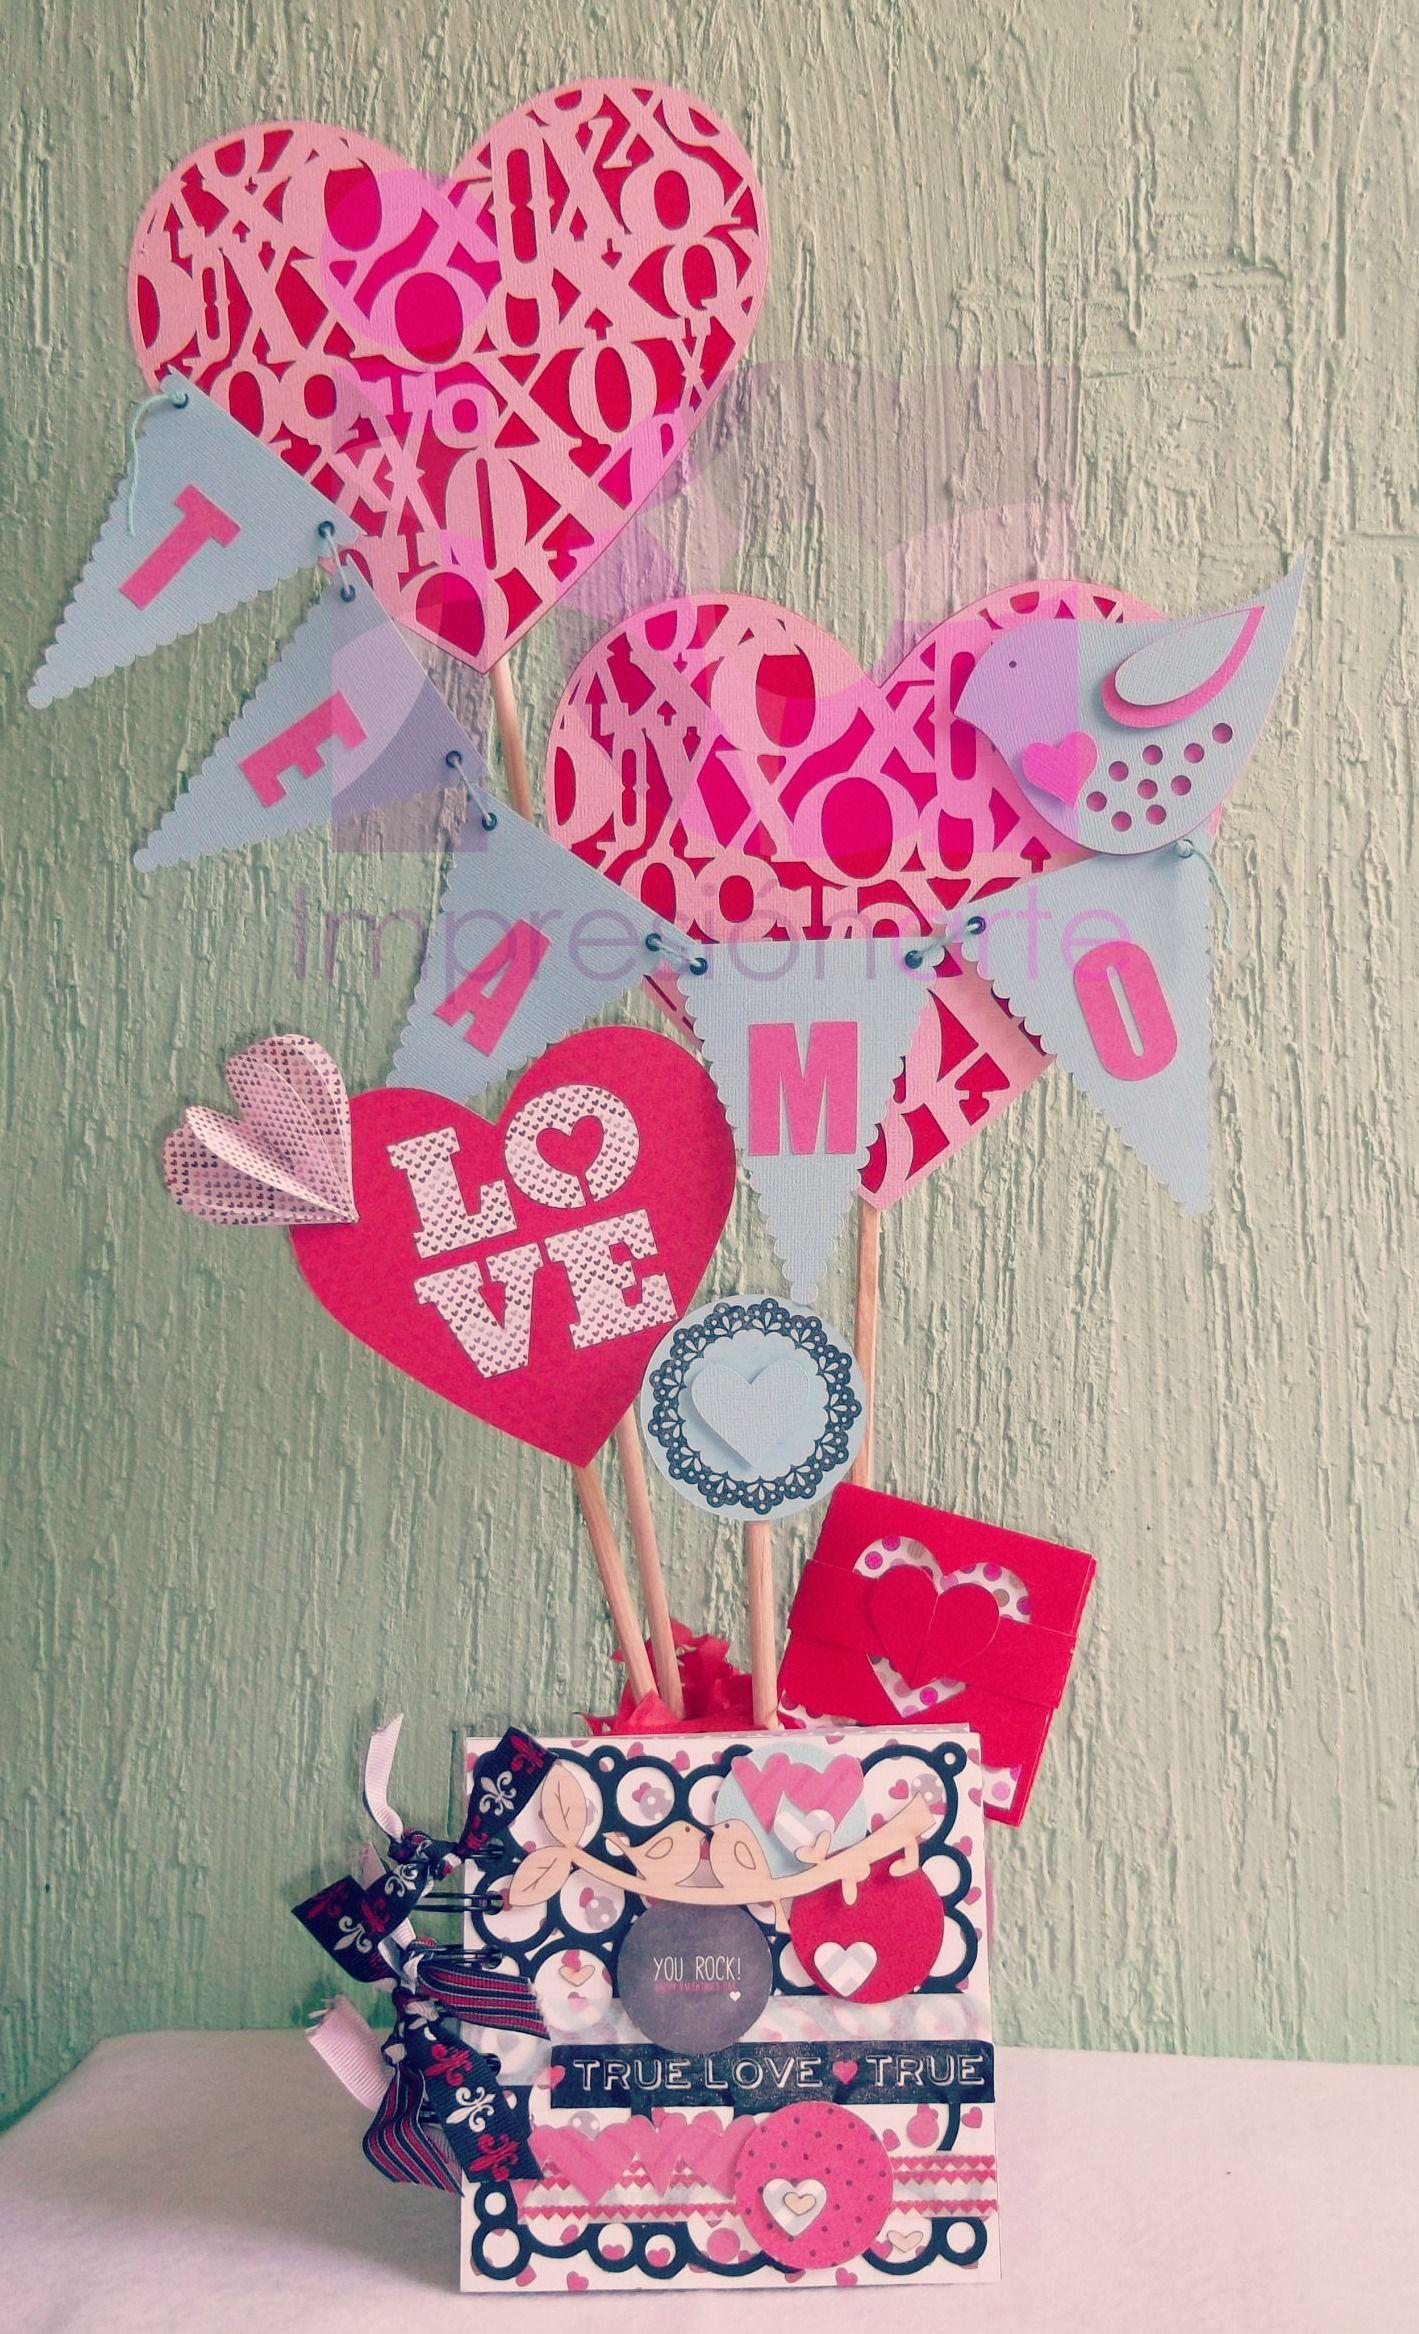 Amor Para Arreglos 14 De Del 14 De Caja Madera Y De En Amistad Dia La Febrero Febrero El